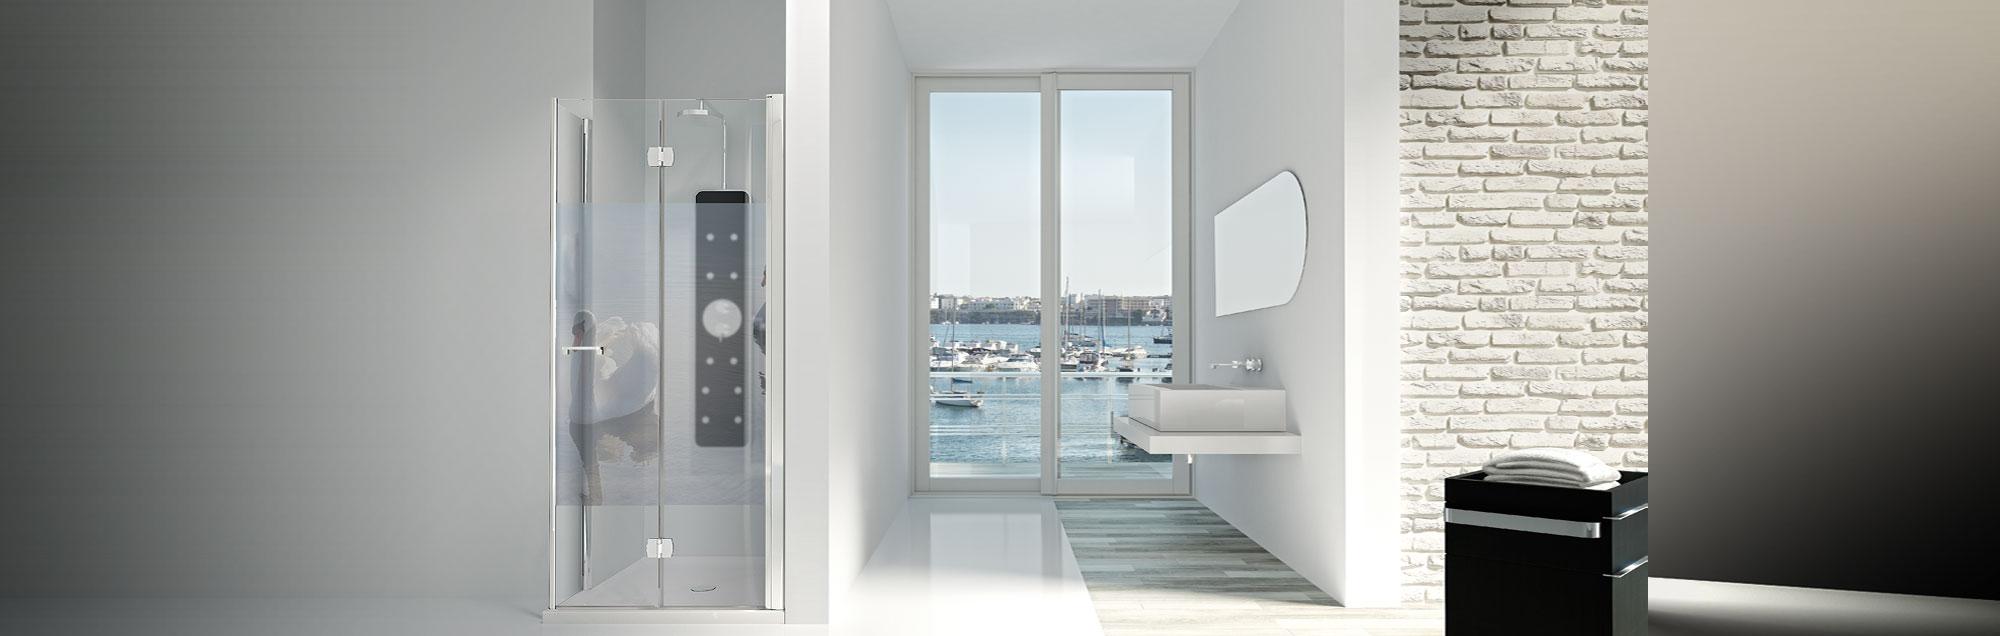 Arcoris Plus Collection swinging bathroom enclosures